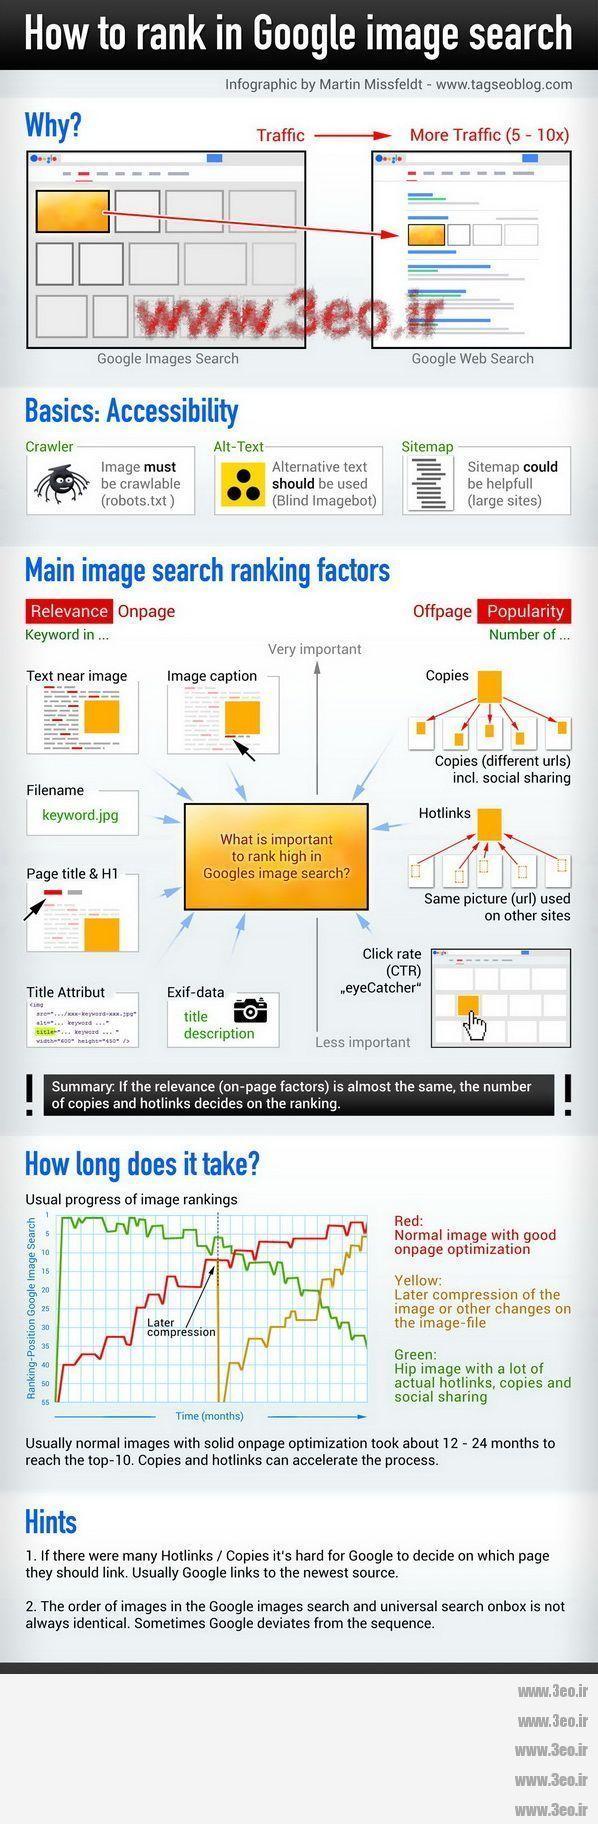 اینفوگرافیک آموزش رتبه گرفتن در نتایج جستجوی عکس گوگل